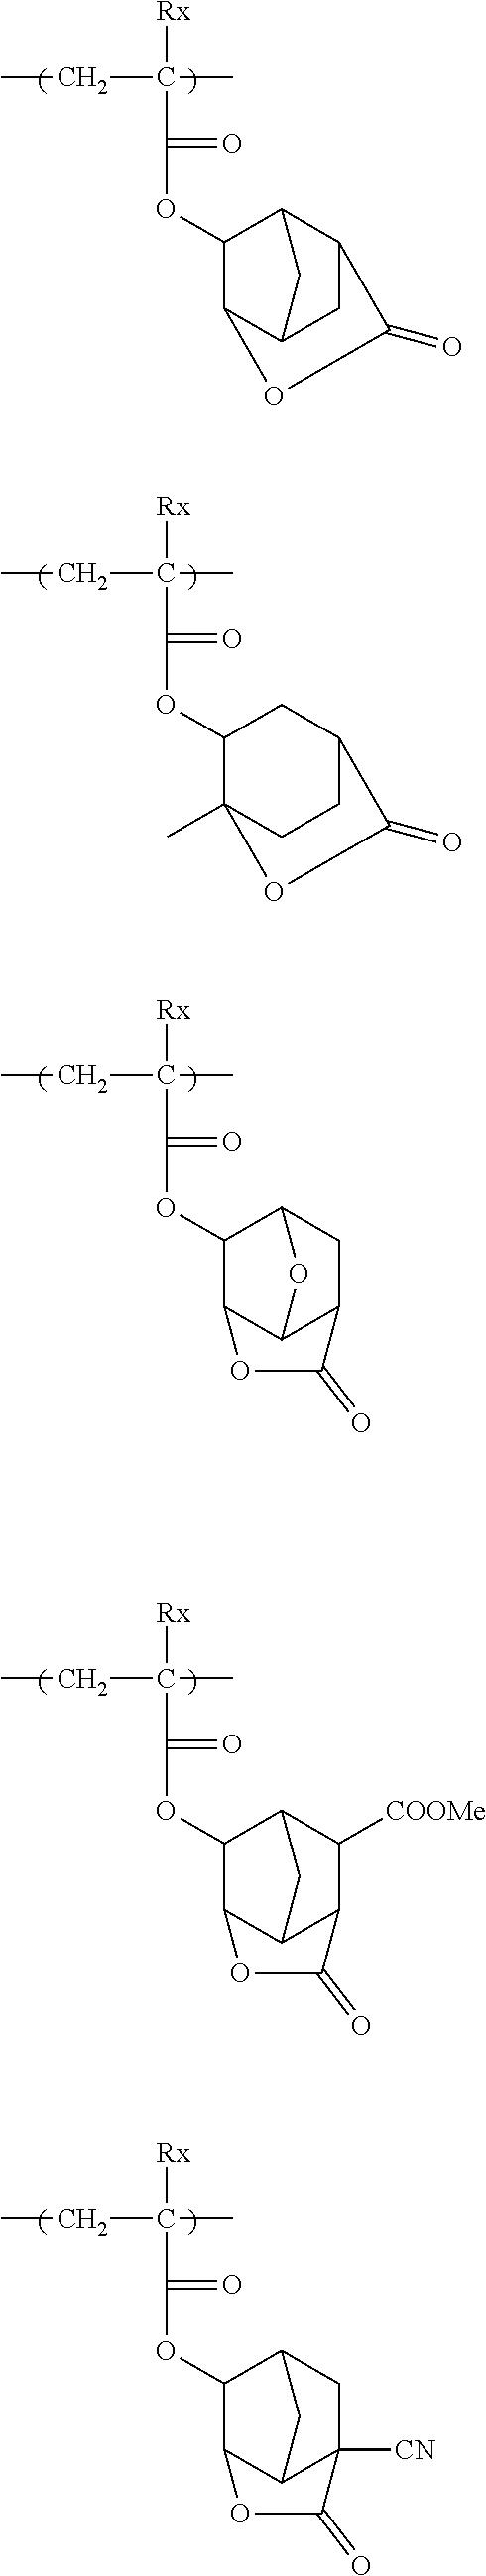 Figure US08071272-20111206-C00021